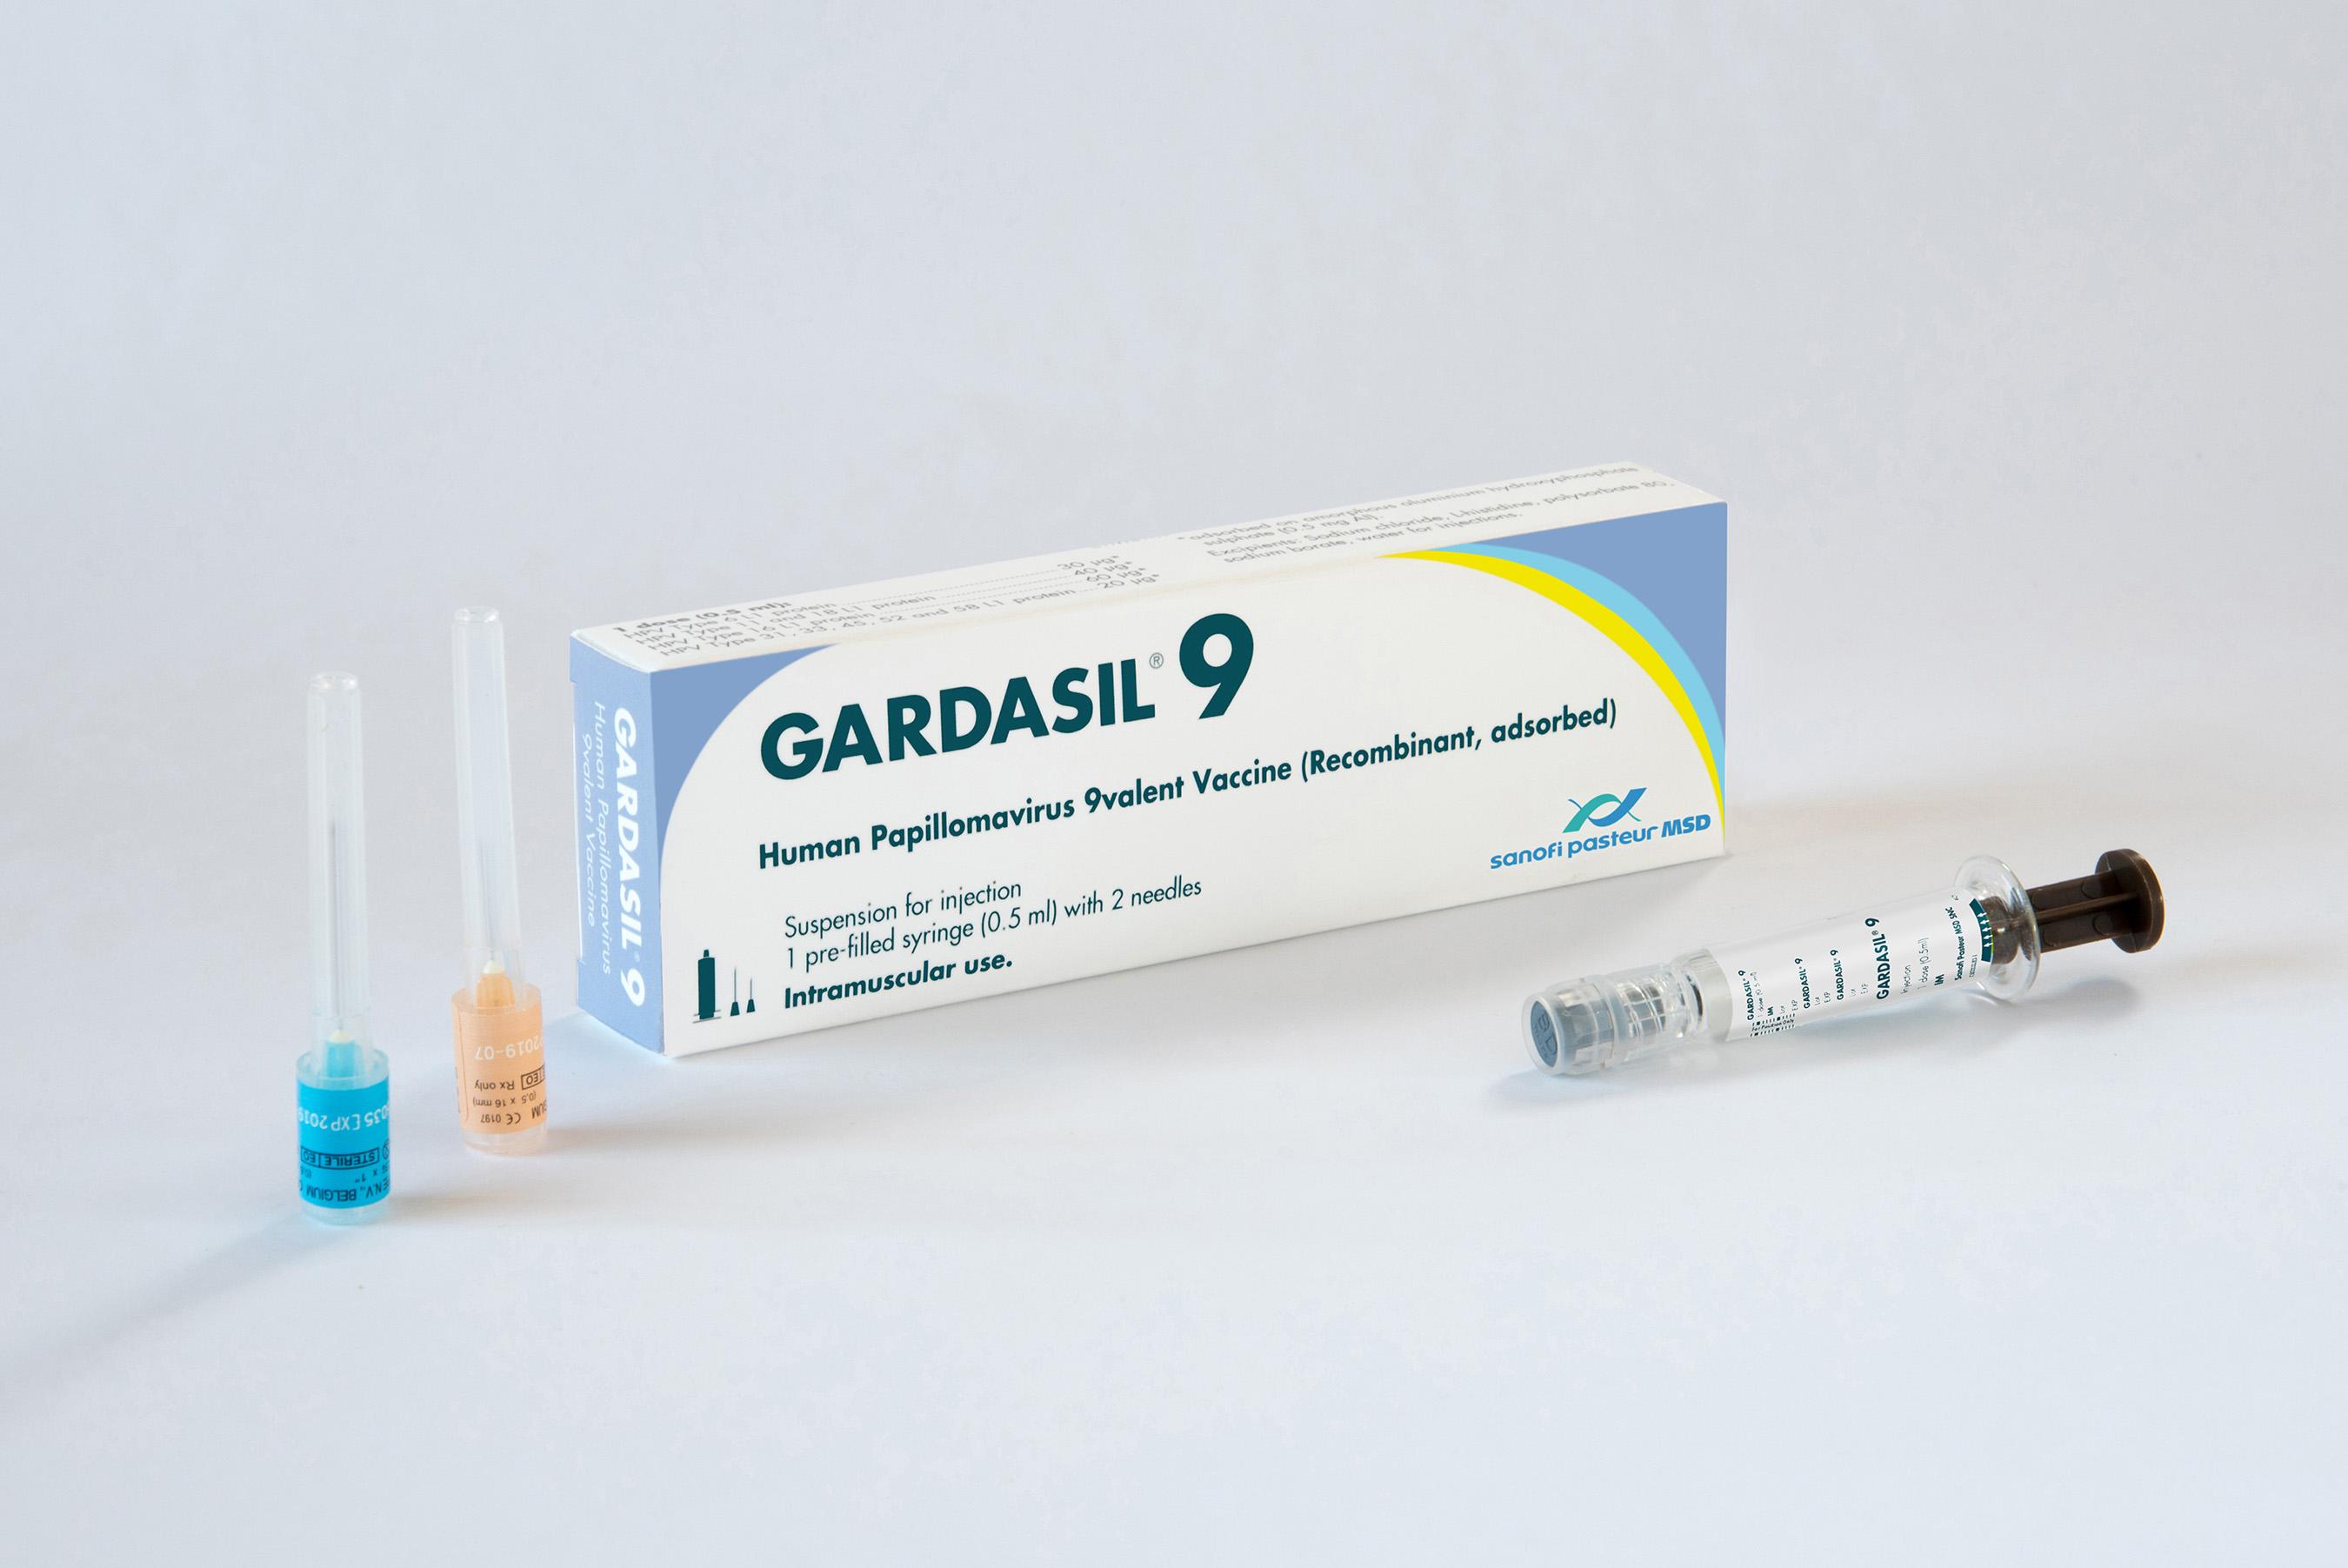 Human papillomavirus vaccine overdose,, Human papillomavirus vaccine brands